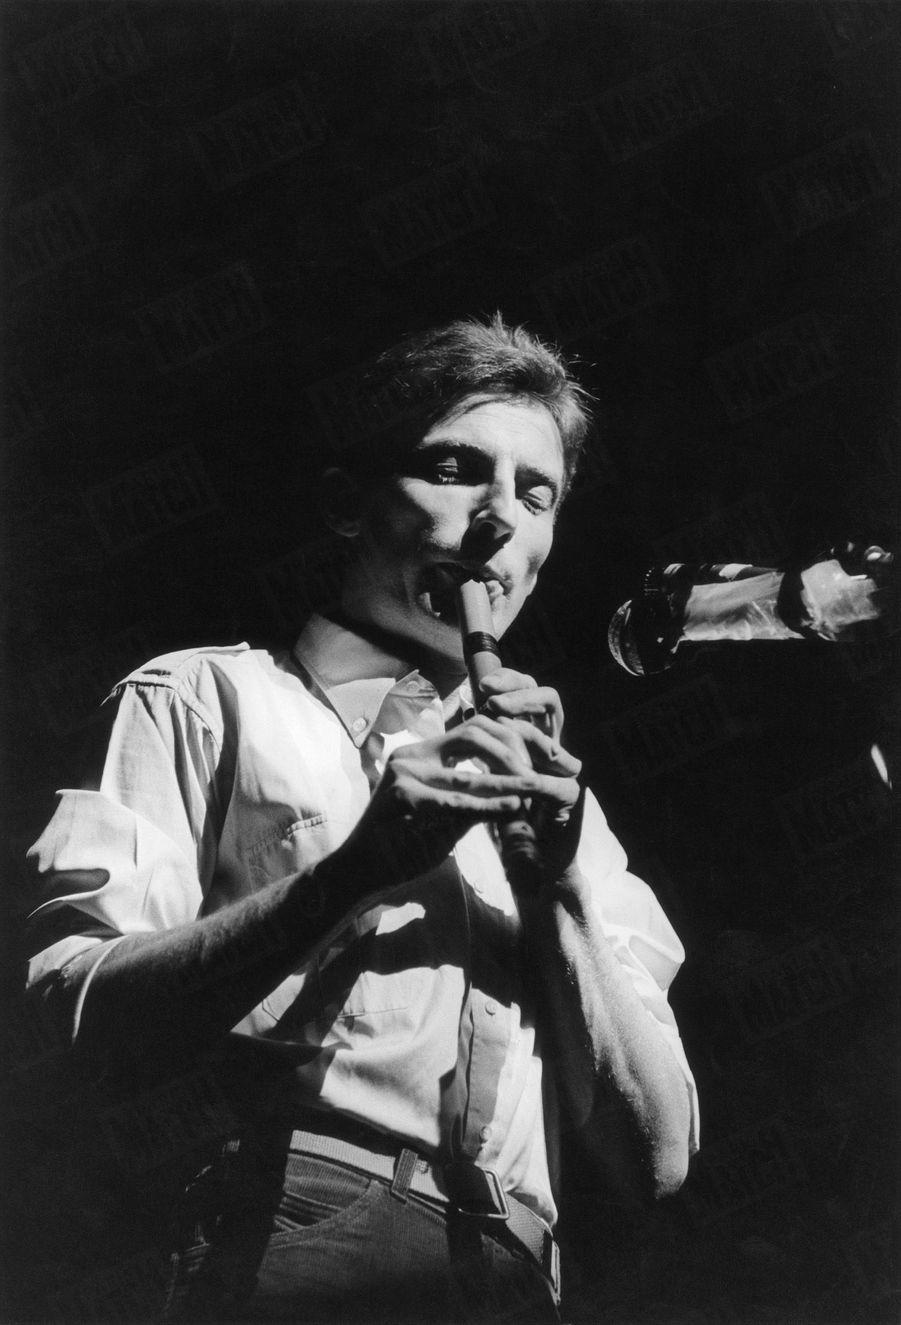 Hugues Aufray à l'Olympia en décembre 1964.